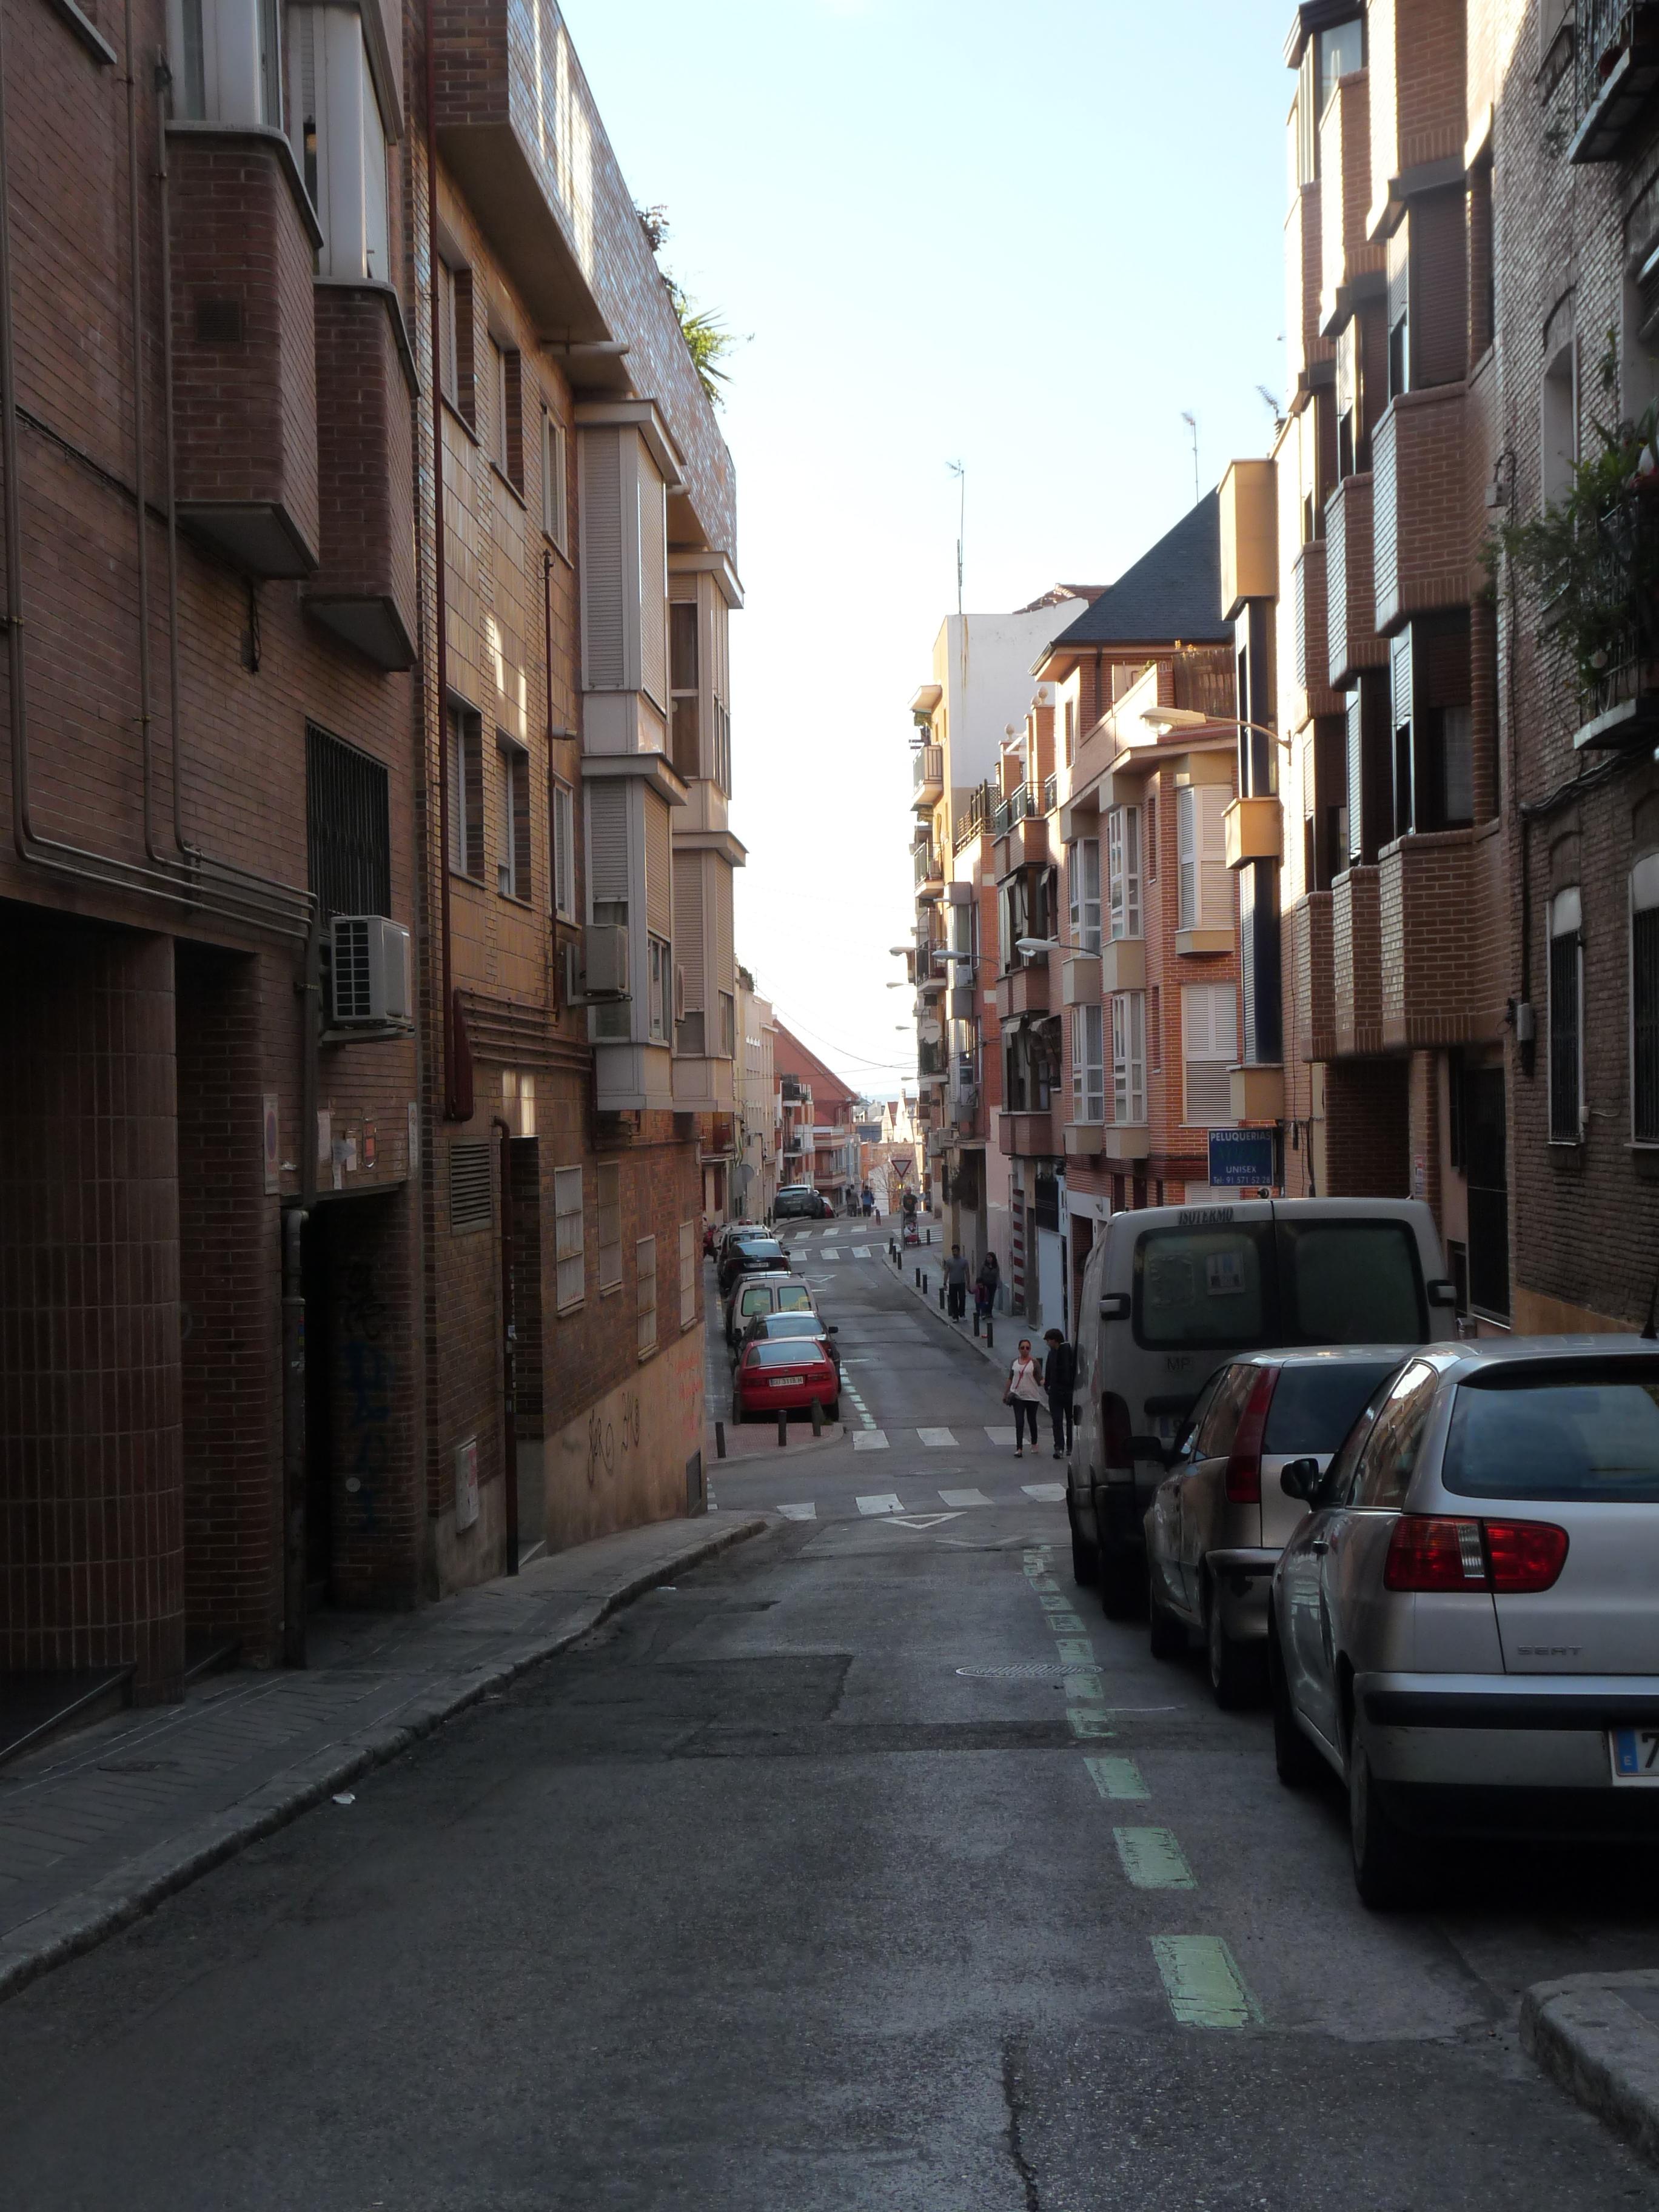 Archivo calle de cuevas wikipedia la enciclopedia libre - Calle nebulosas madrid ...